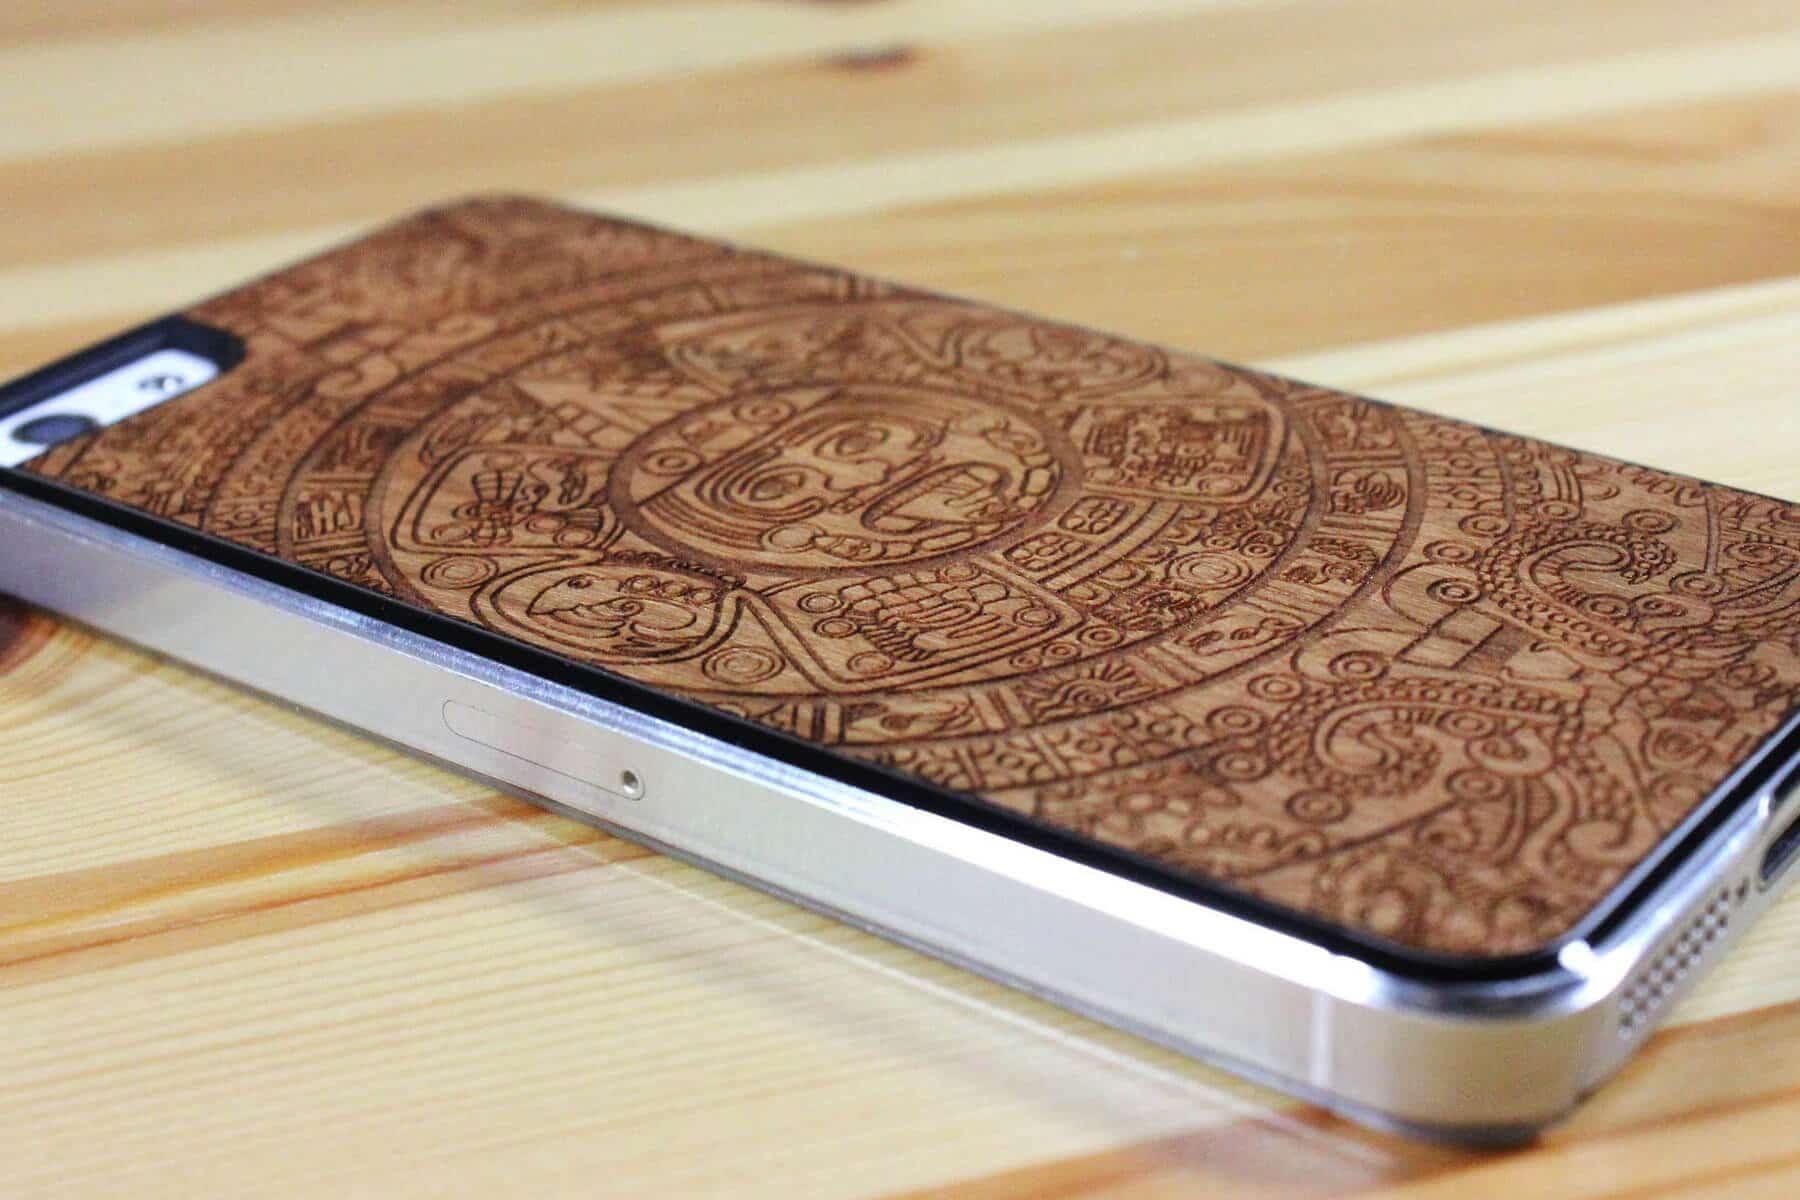 Недорогие и качественные чехлы для iPhone 5s от Top Case